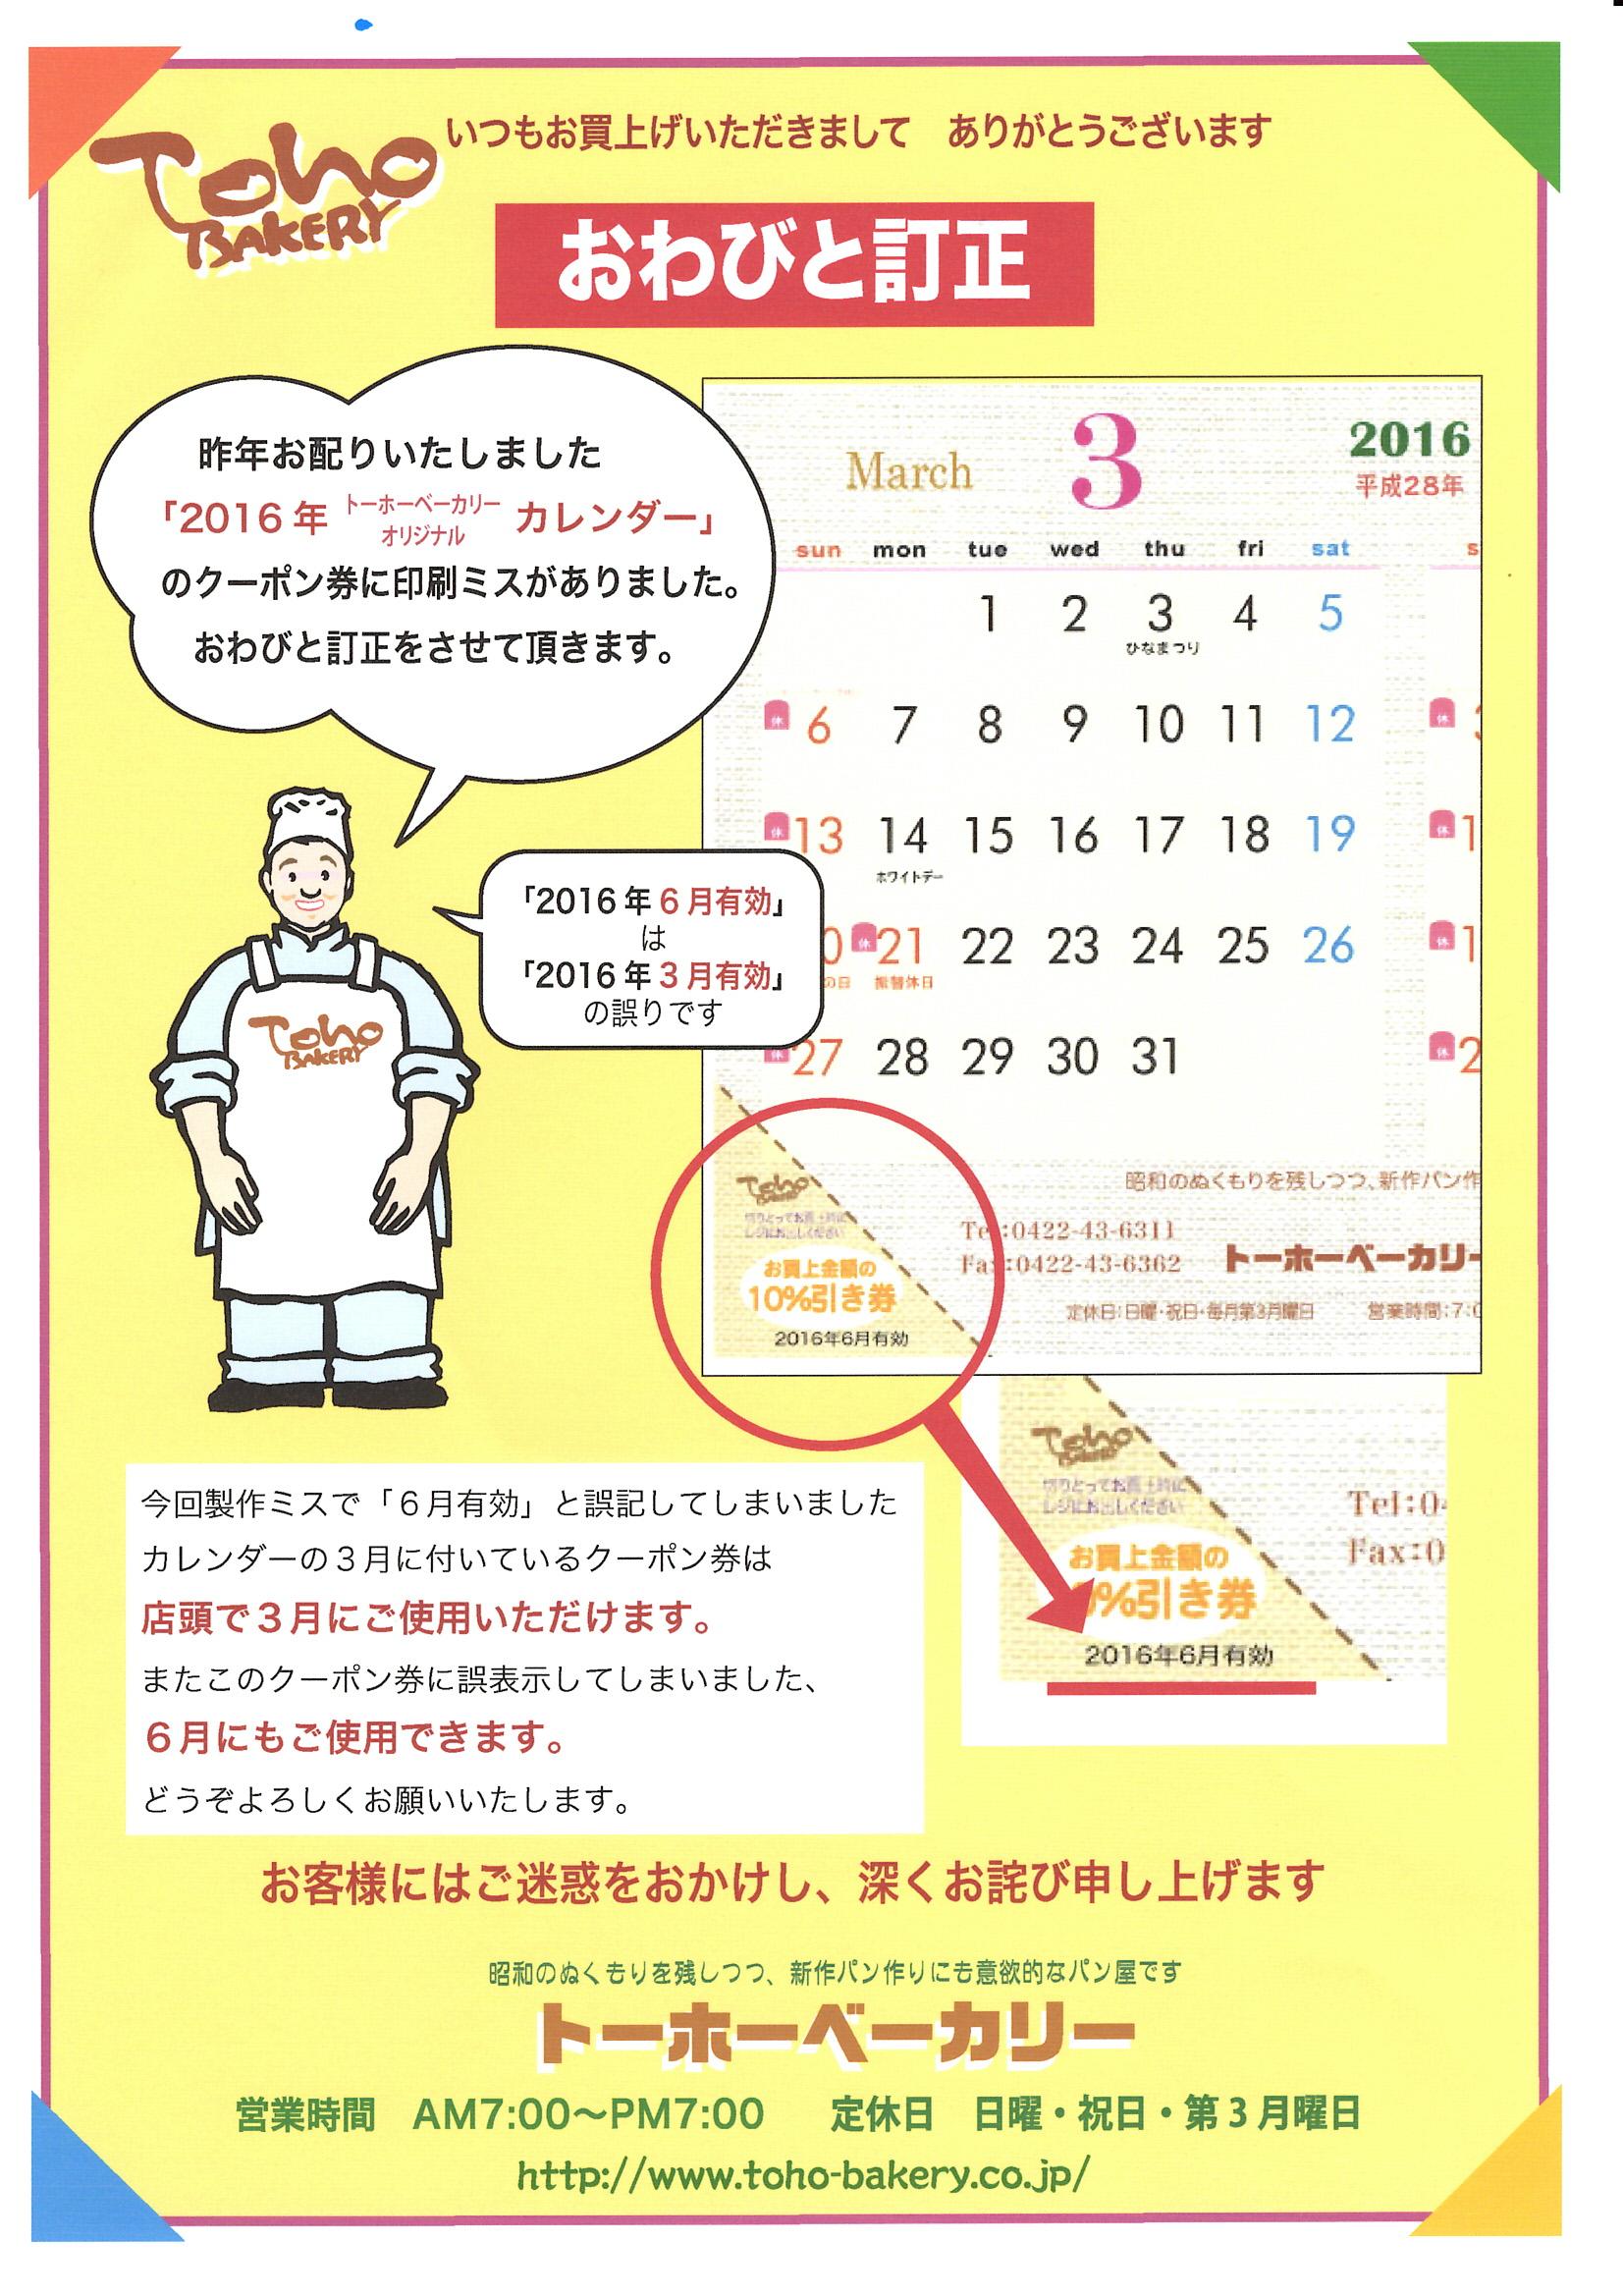 2016/1/17 お知らせ